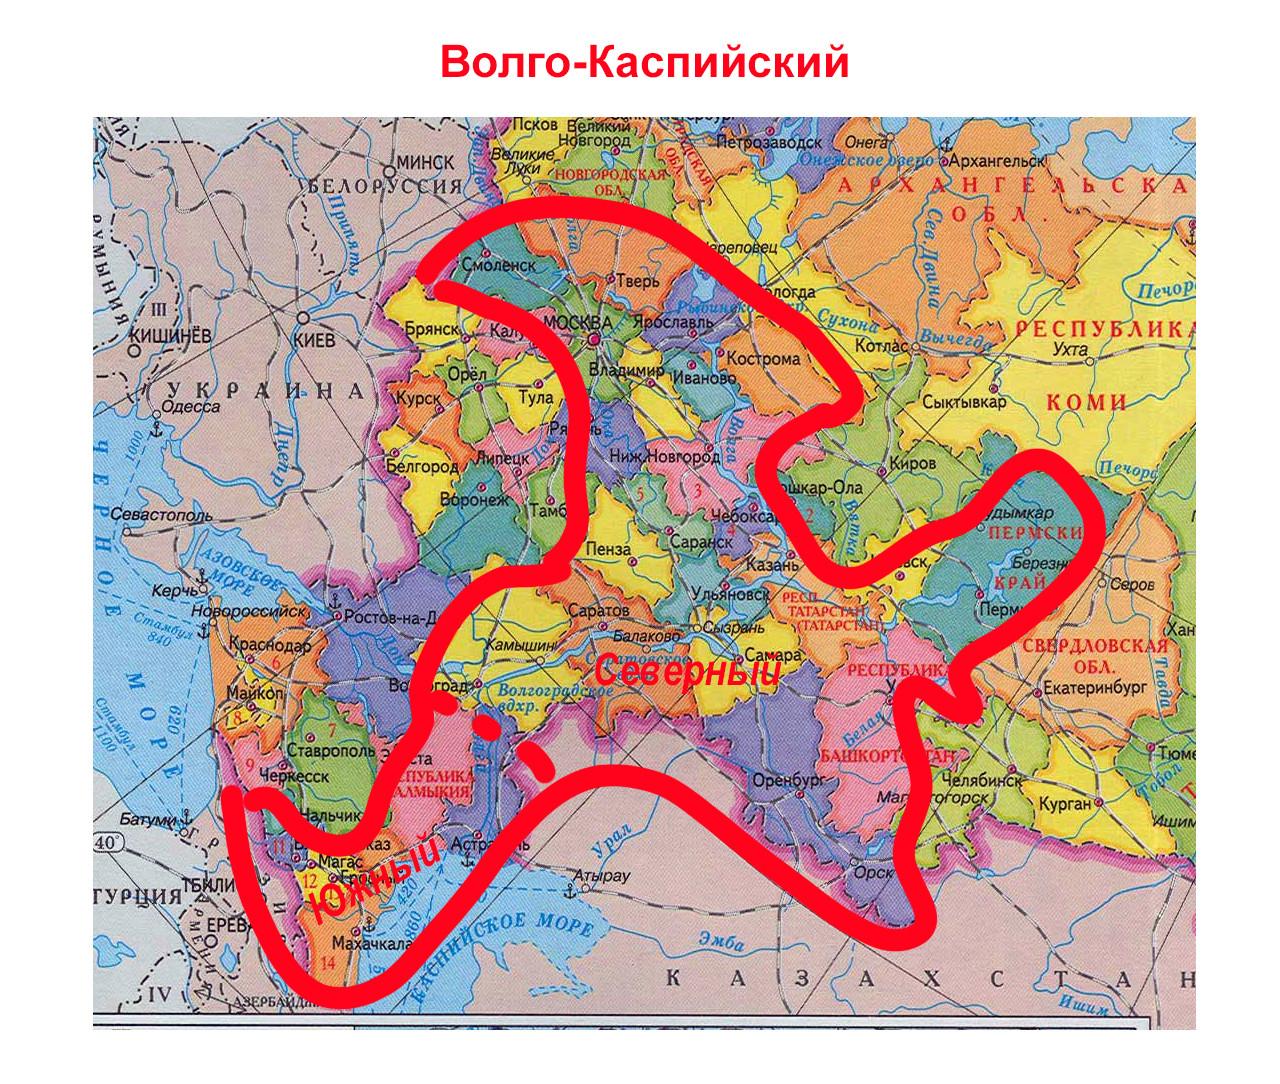 Волжско-Каспийский бассейн